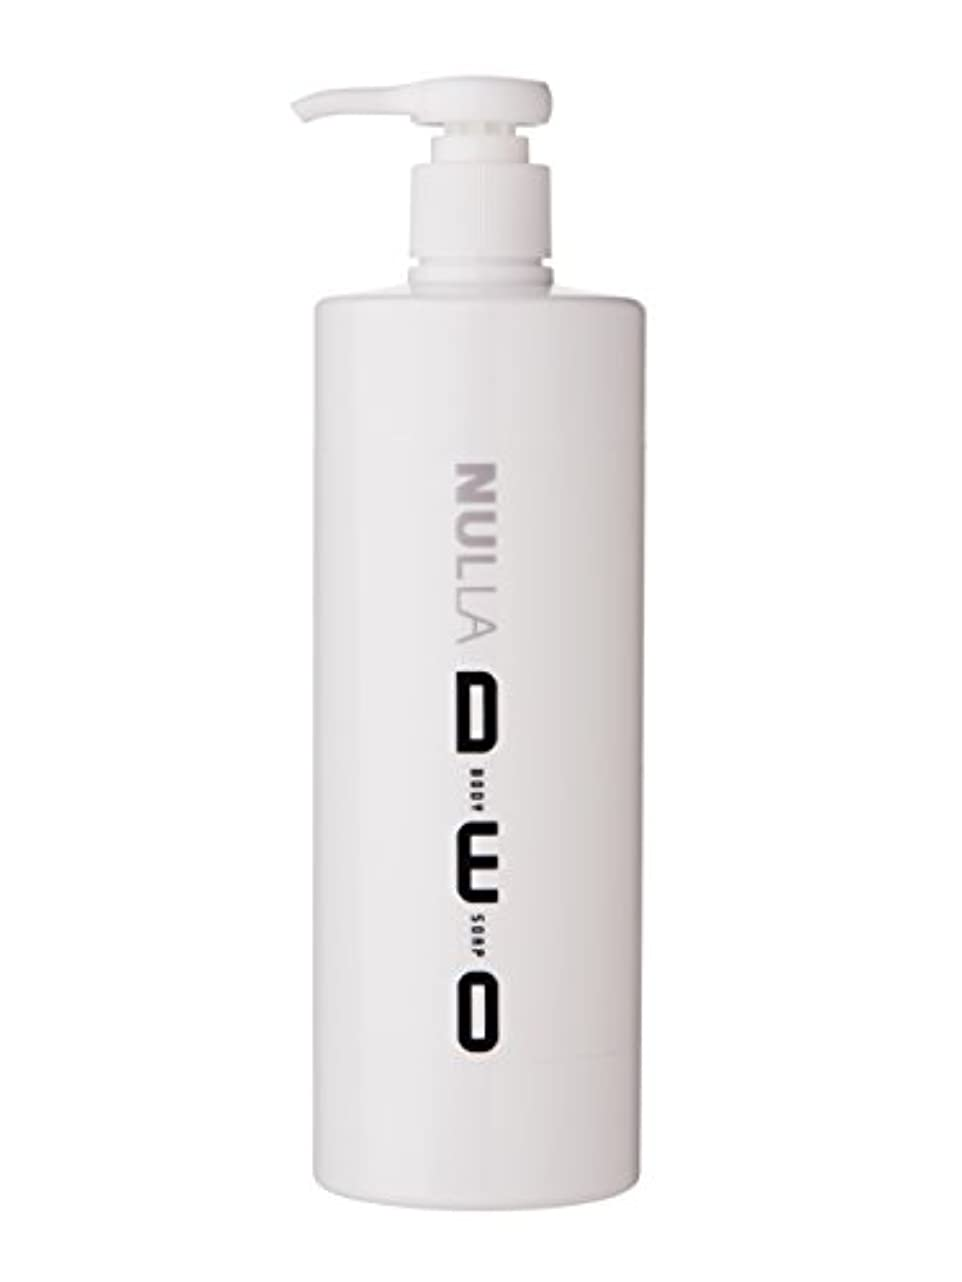 フレキシブル早いフクロウNULLA(ヌーラ) ヌーラデオ ボディソープ [ニオイ菌を抑制] 500ml 日本製 加齢臭 体臭 対策 シャボンの香り